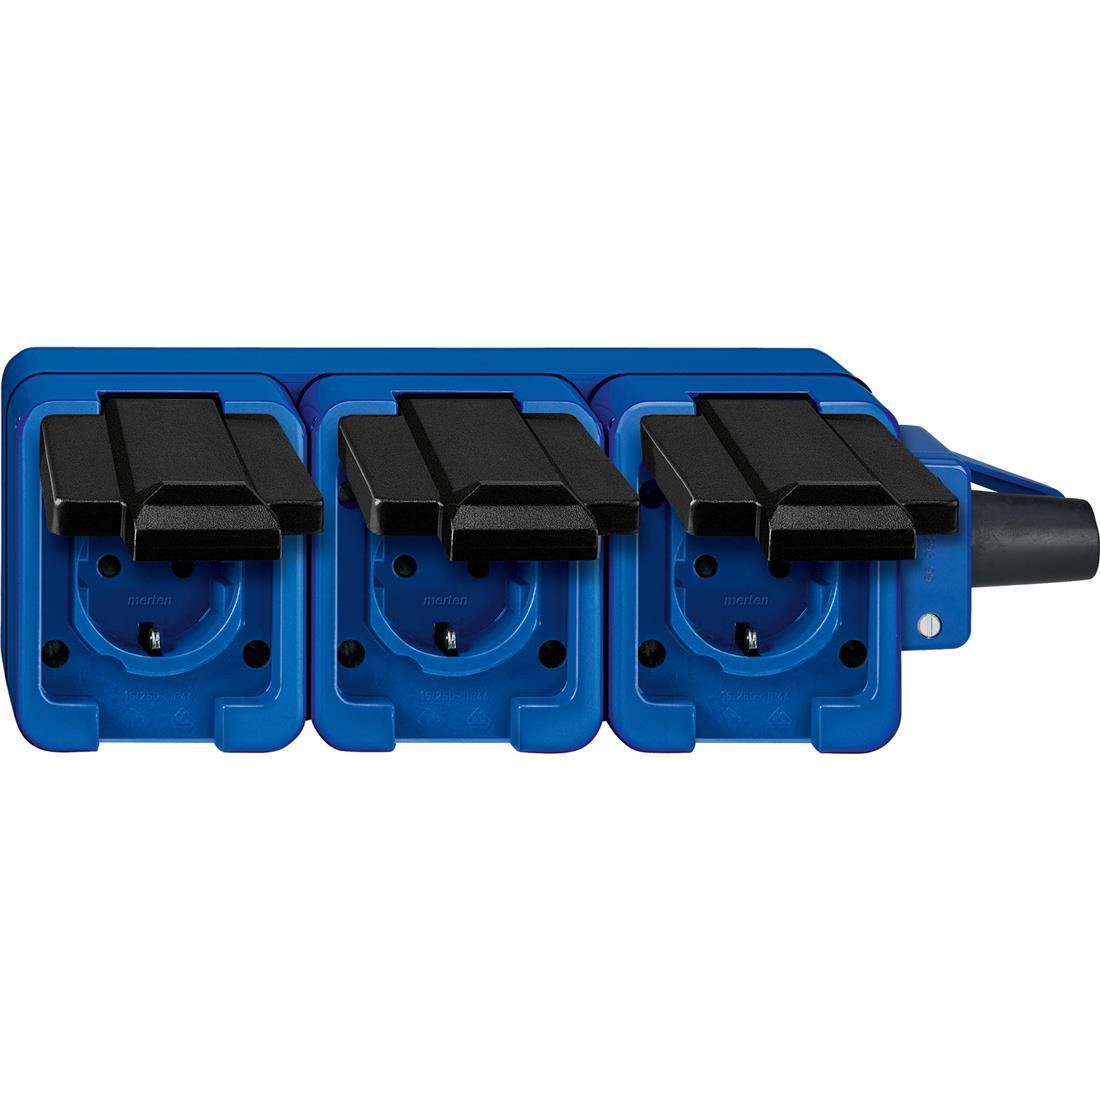 Schneider-Merten Slagvast 3-voudig mobiele wandcontactdoos - blauw (229393)